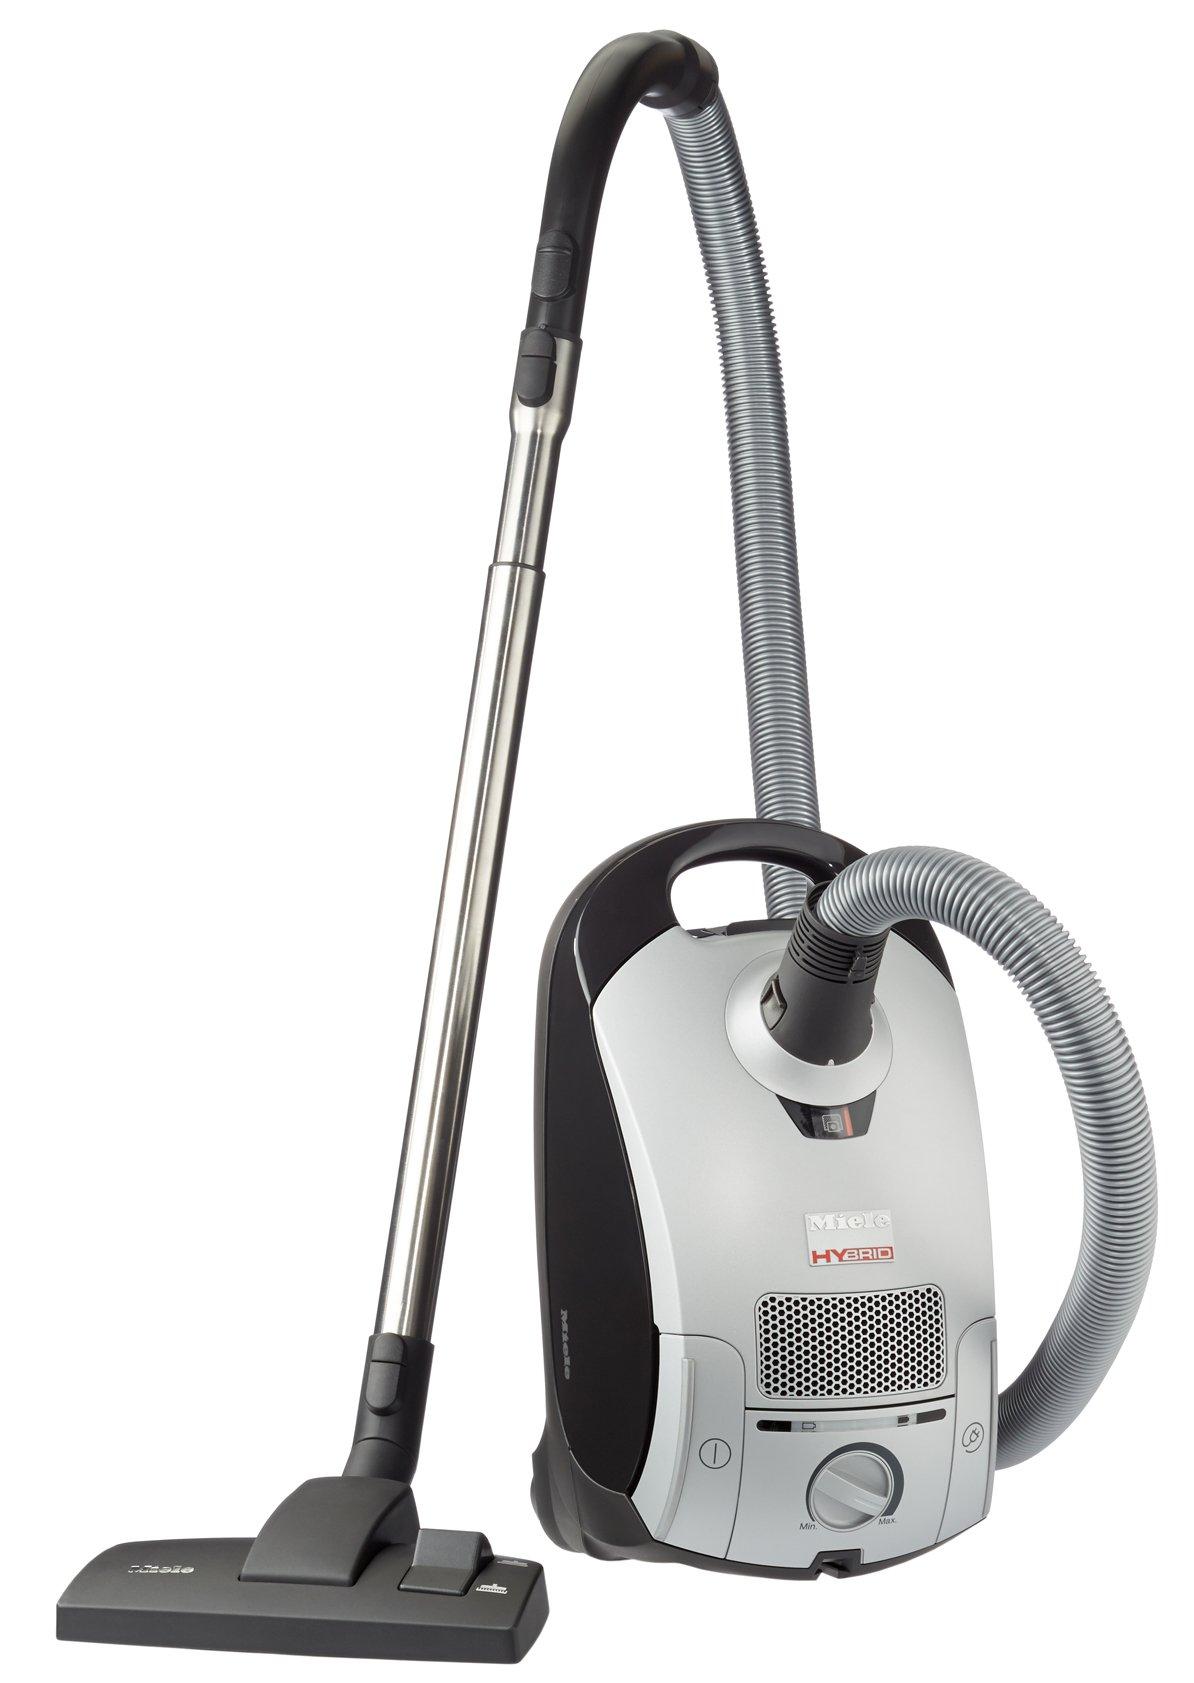 Miele S 4812 Hybrid, 1800 W, 3.5 L, Plata - Aspirador: Amazon.es: Hogar